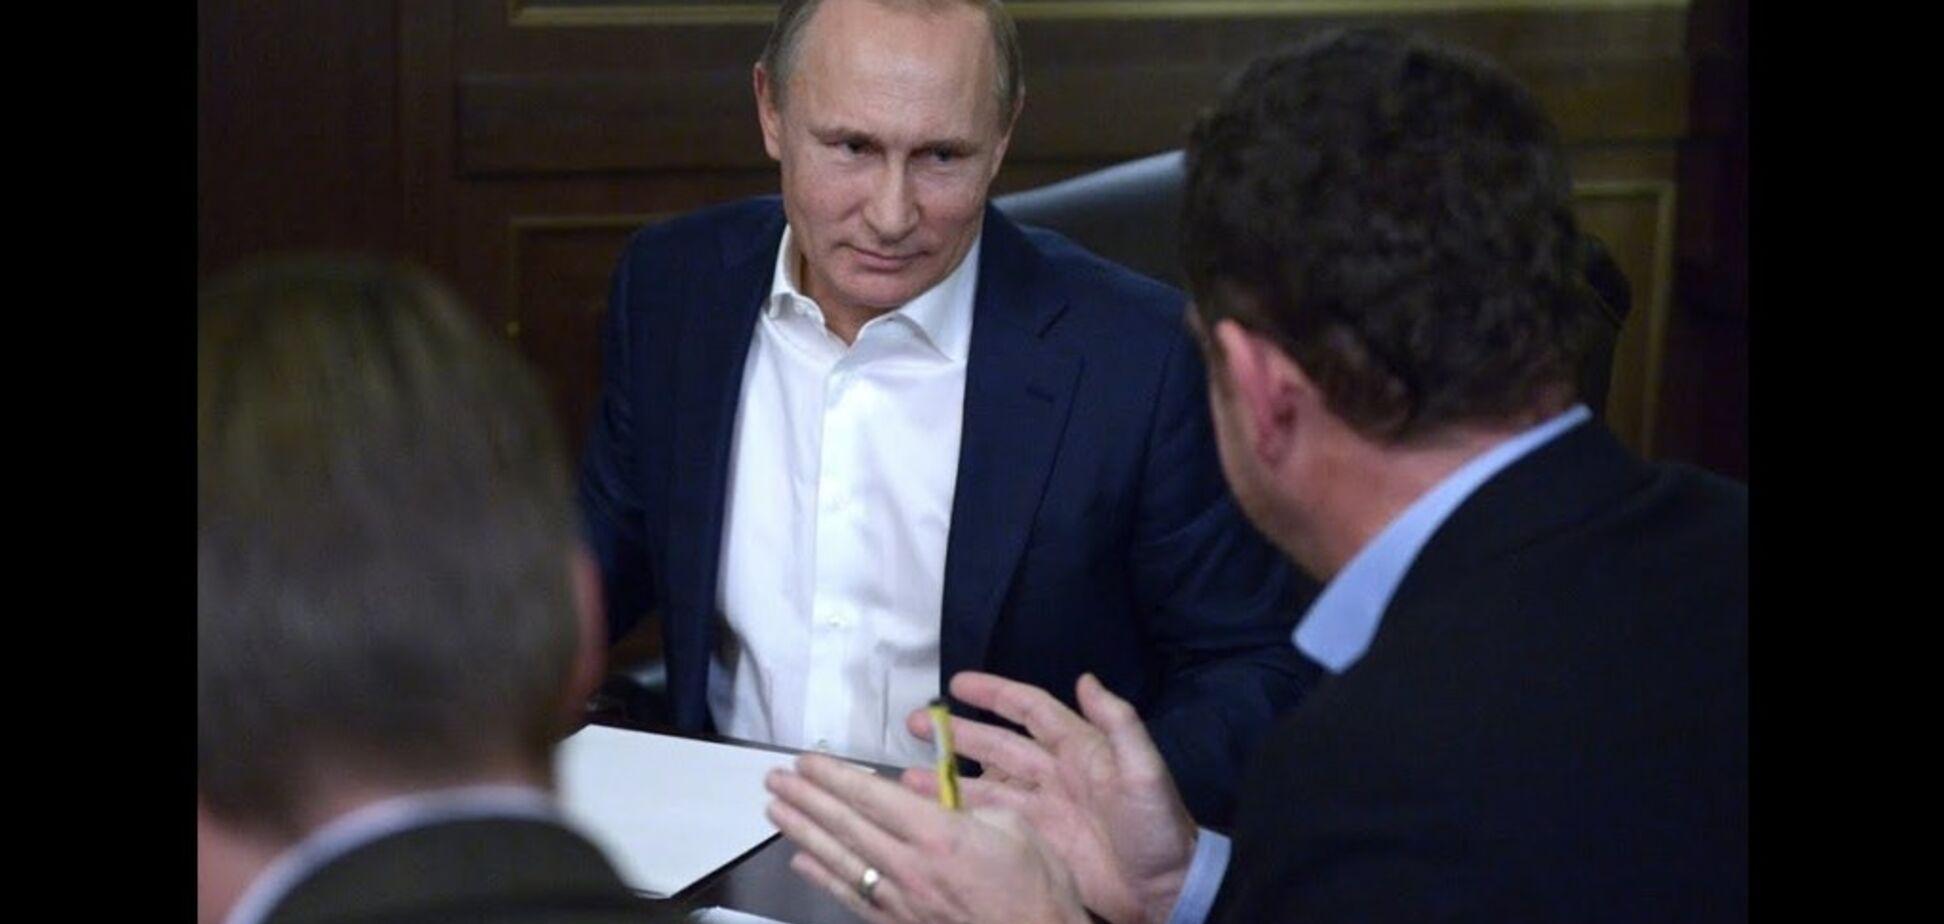 Богаче мультимиллиардера: Слава Рабинович рассказал, сколько денег у Путина